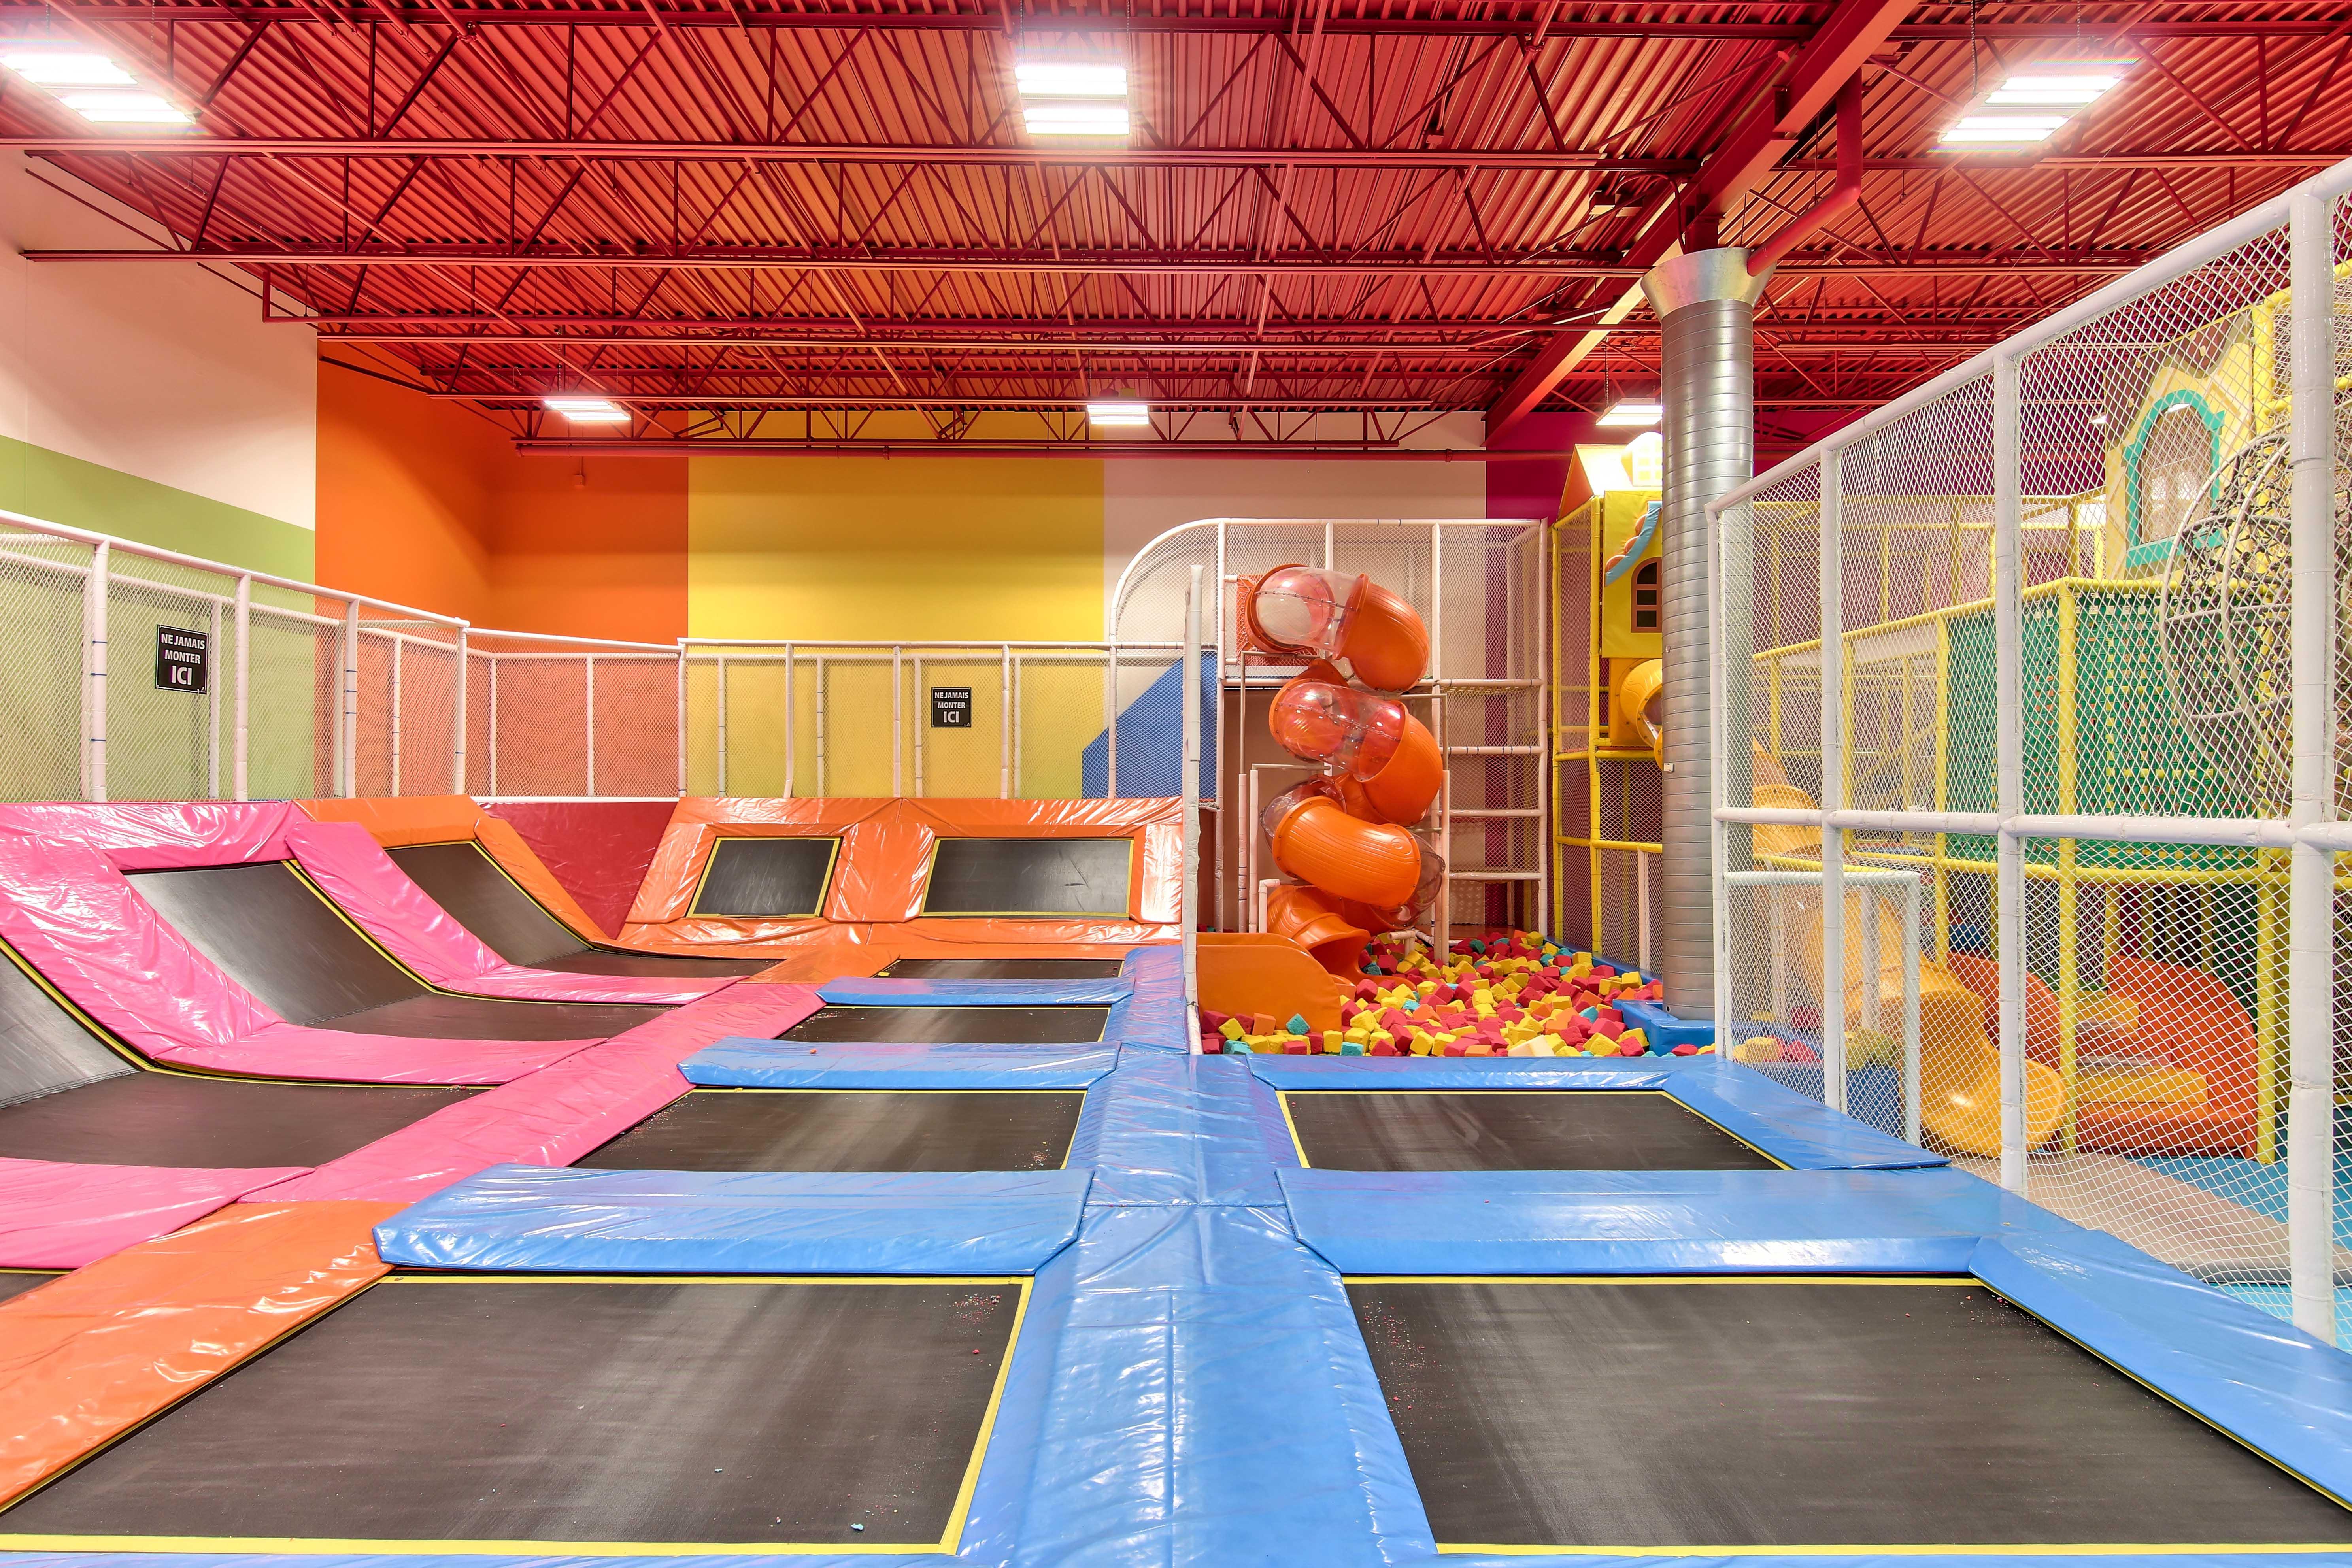 Trampolines intérieur , centre d'activité intérieur, toboggan , dépense d'énergie , activité à faire, pour enfant , centre amusement